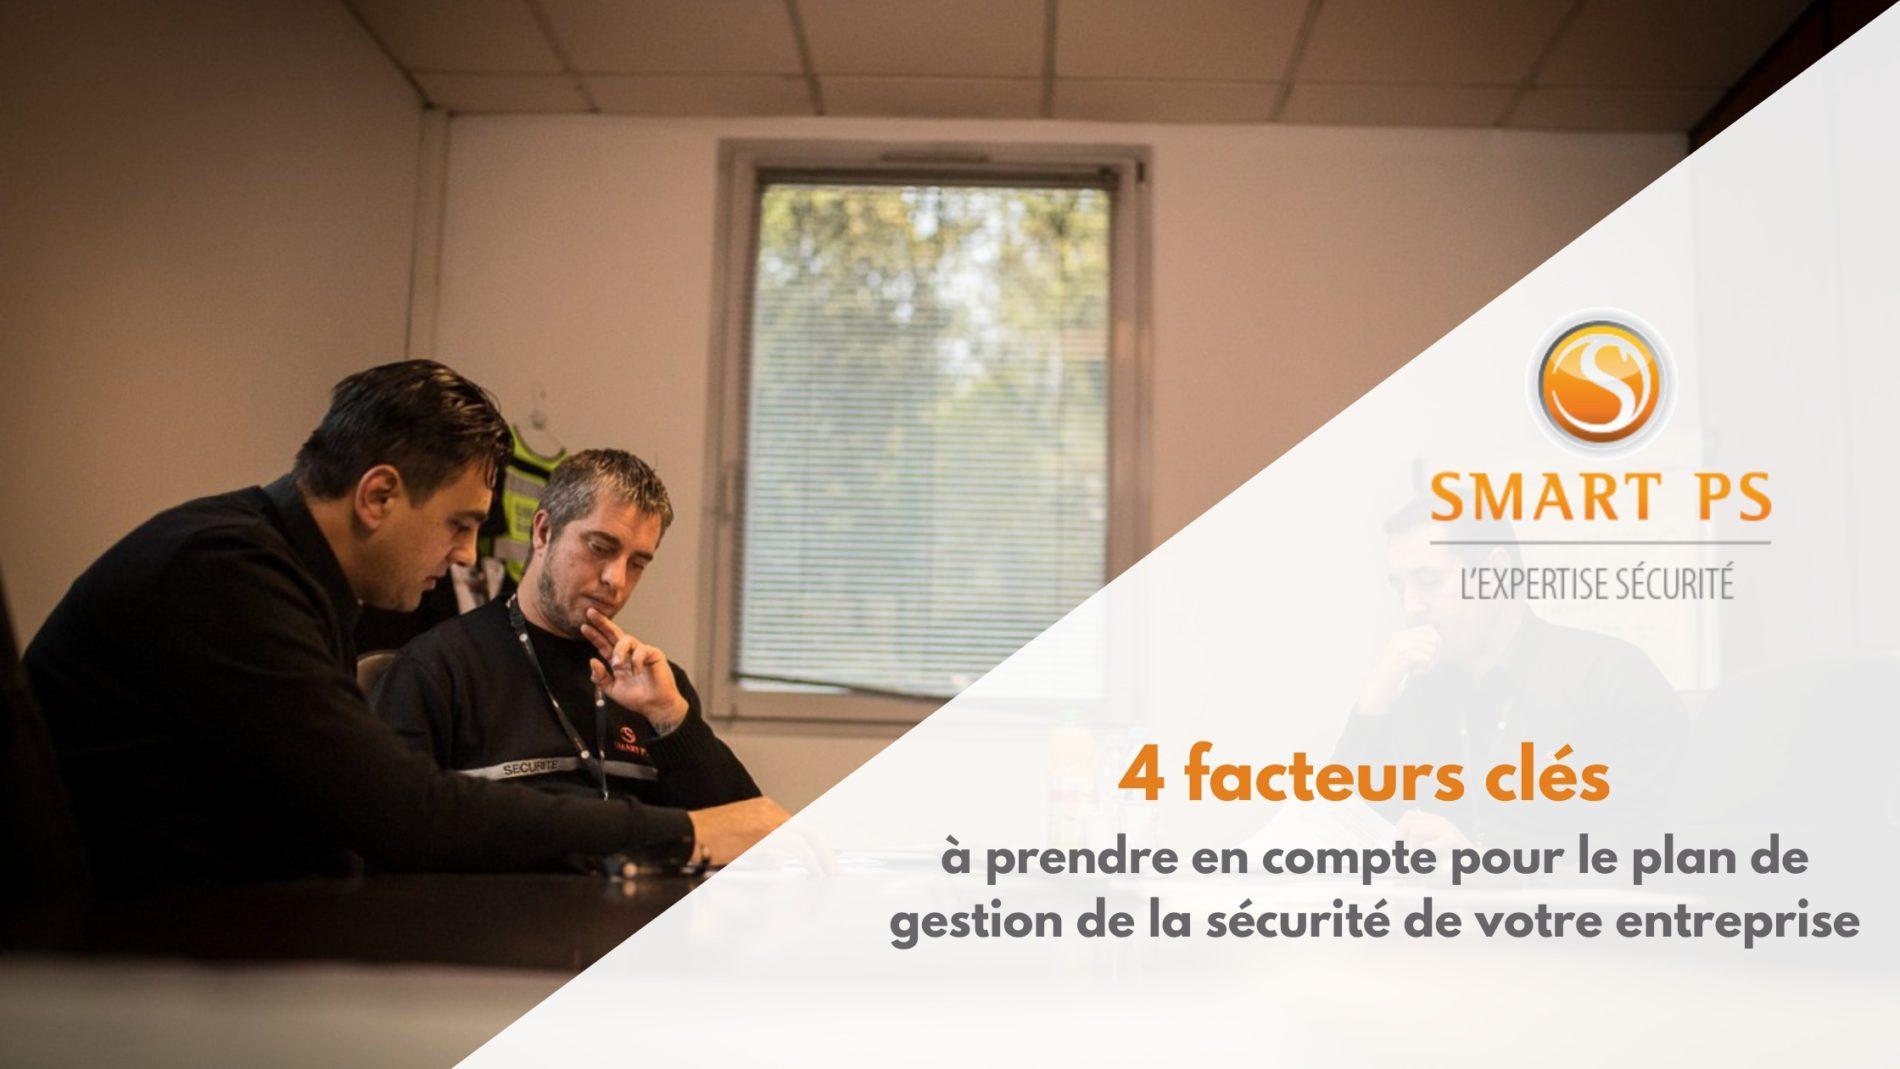 4 facteurs clés à prendre en compte pour le plan de gestion de la sécurité de votre entreprise